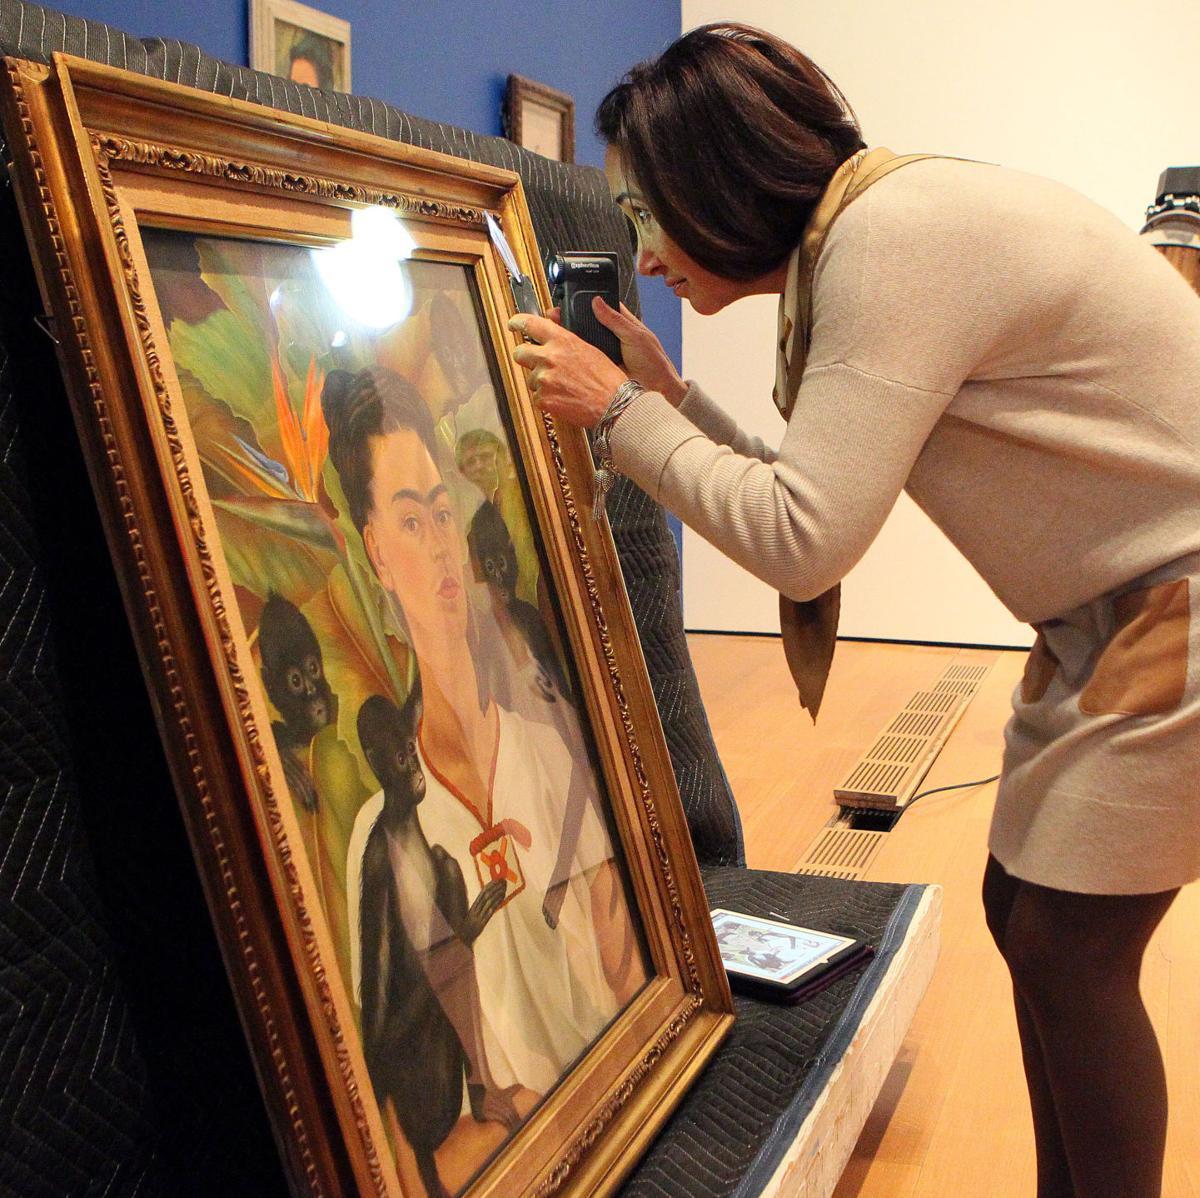 Kahlo & Rivera High Museum explores couple's art, pain, politcs